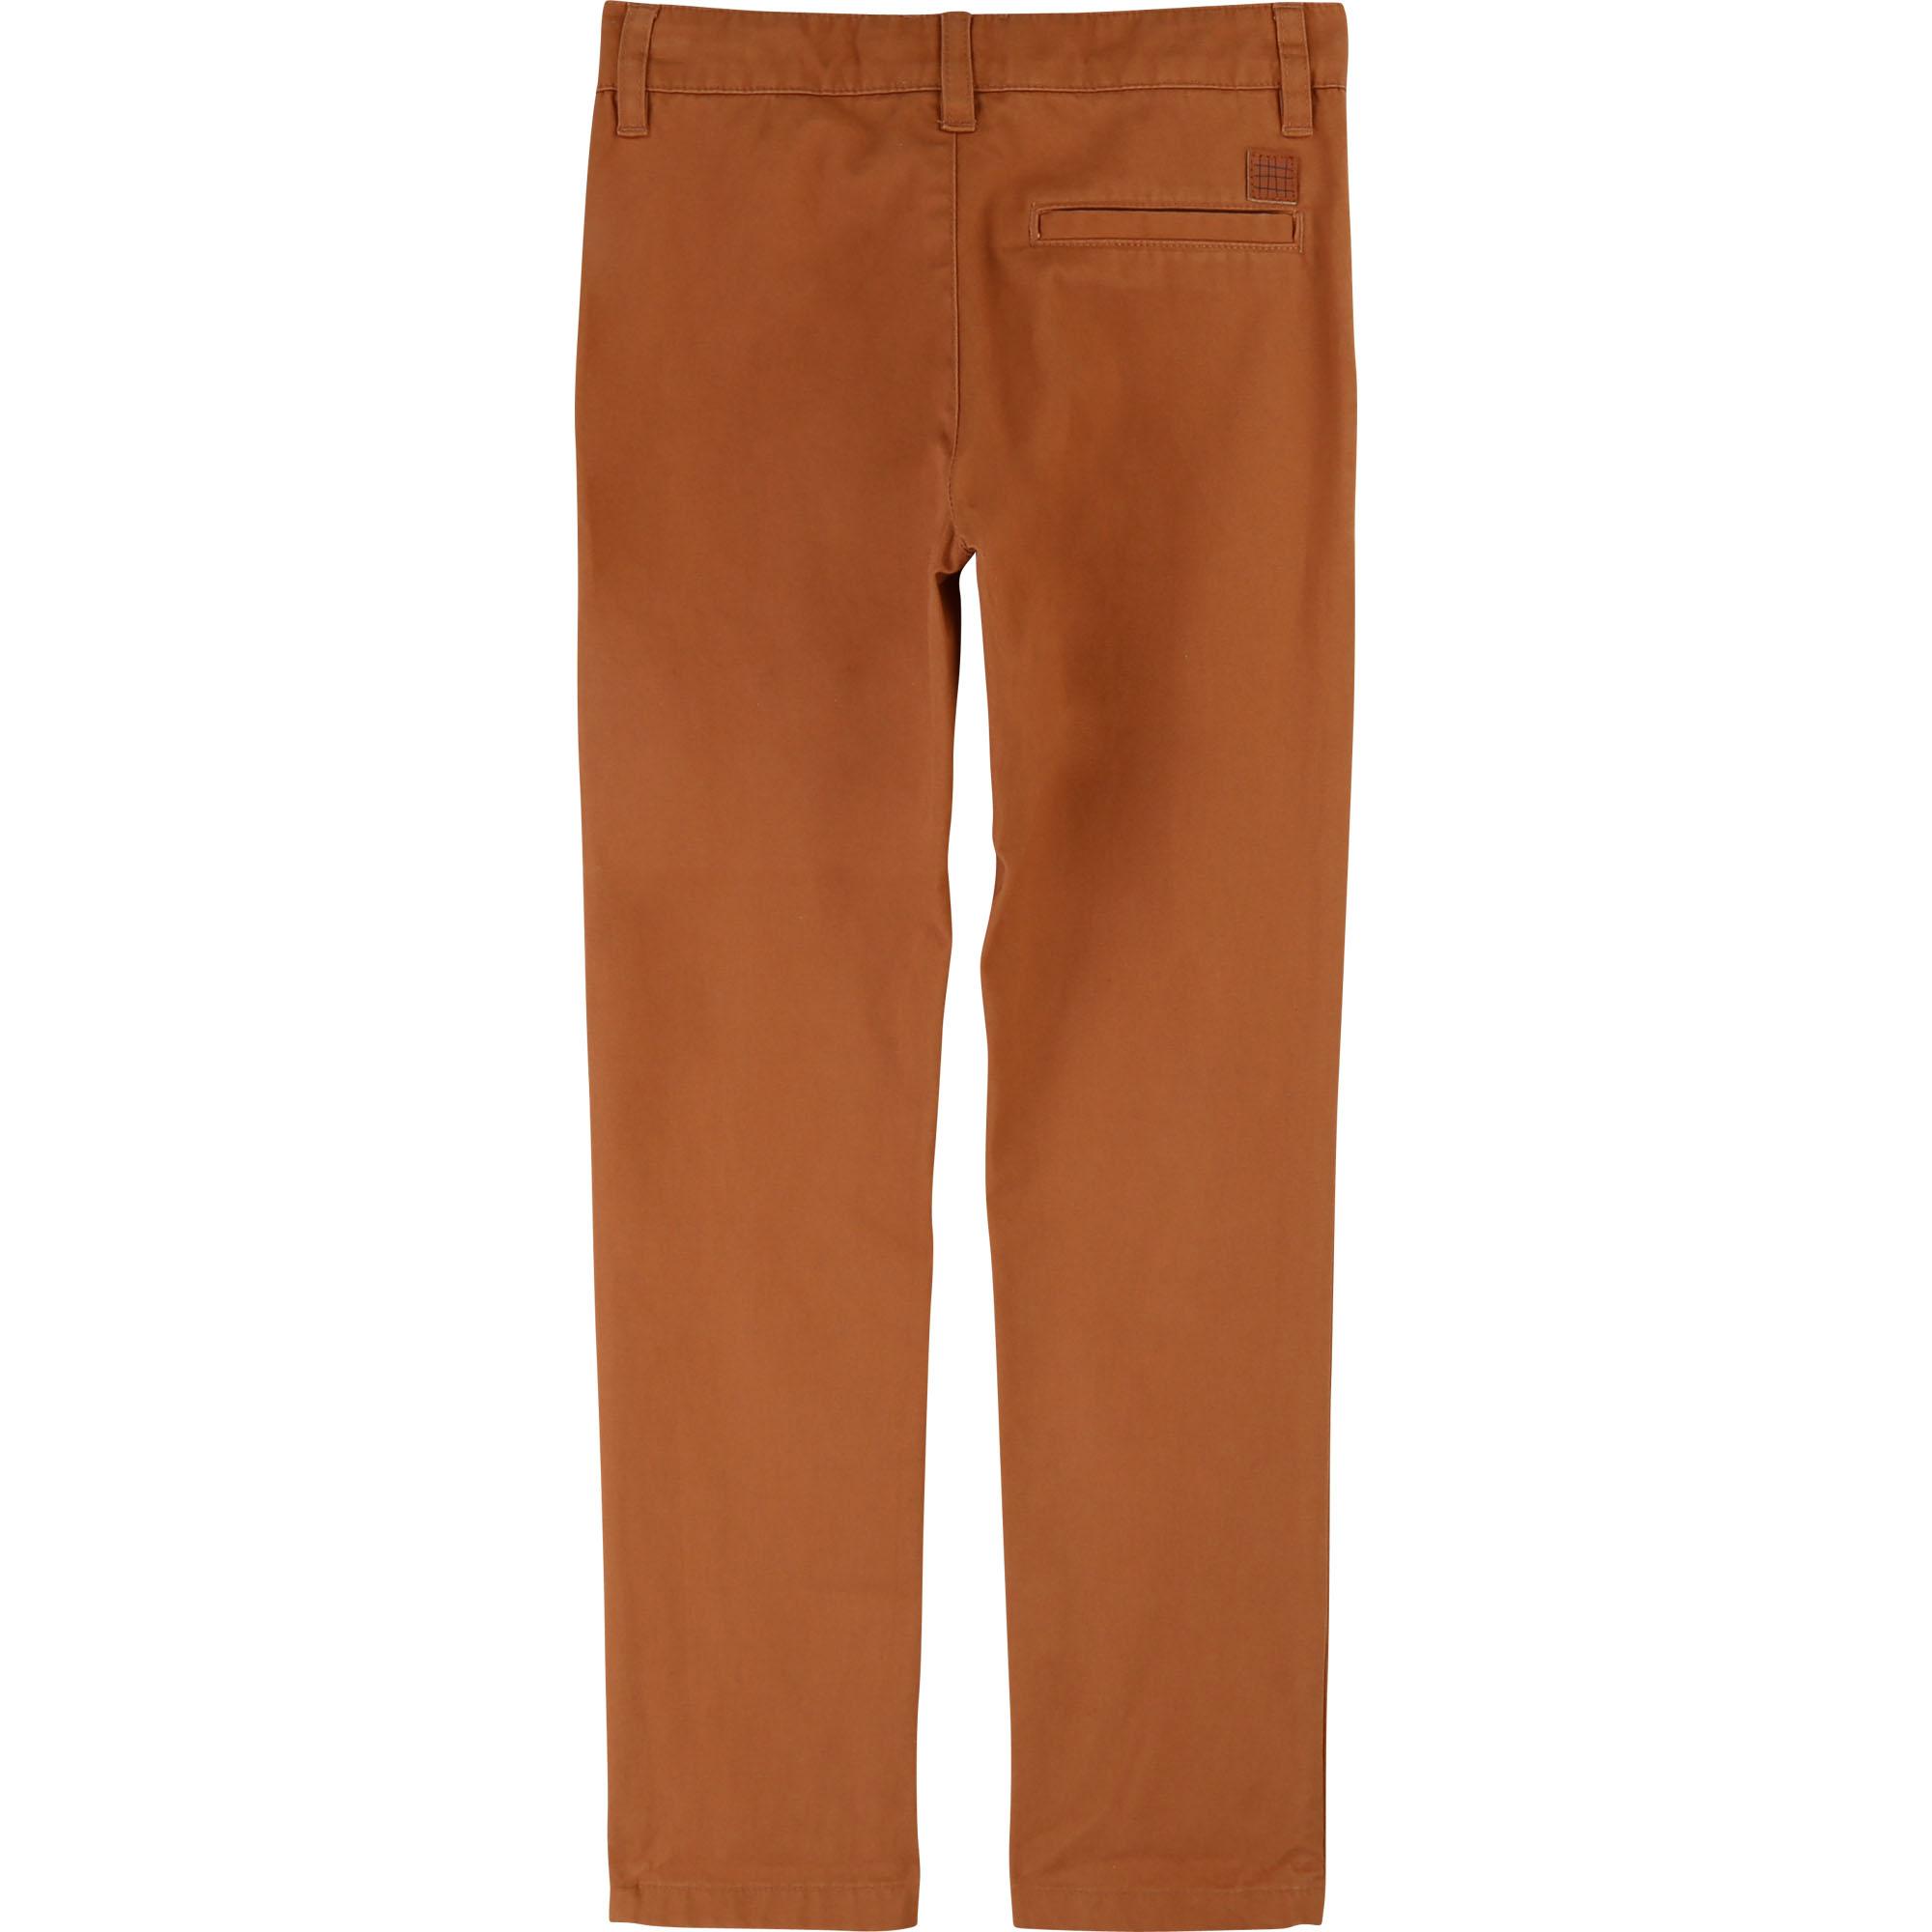 Carrement Beau Housut ruskea koko 114 cm ALE-60% (OVH 39€)